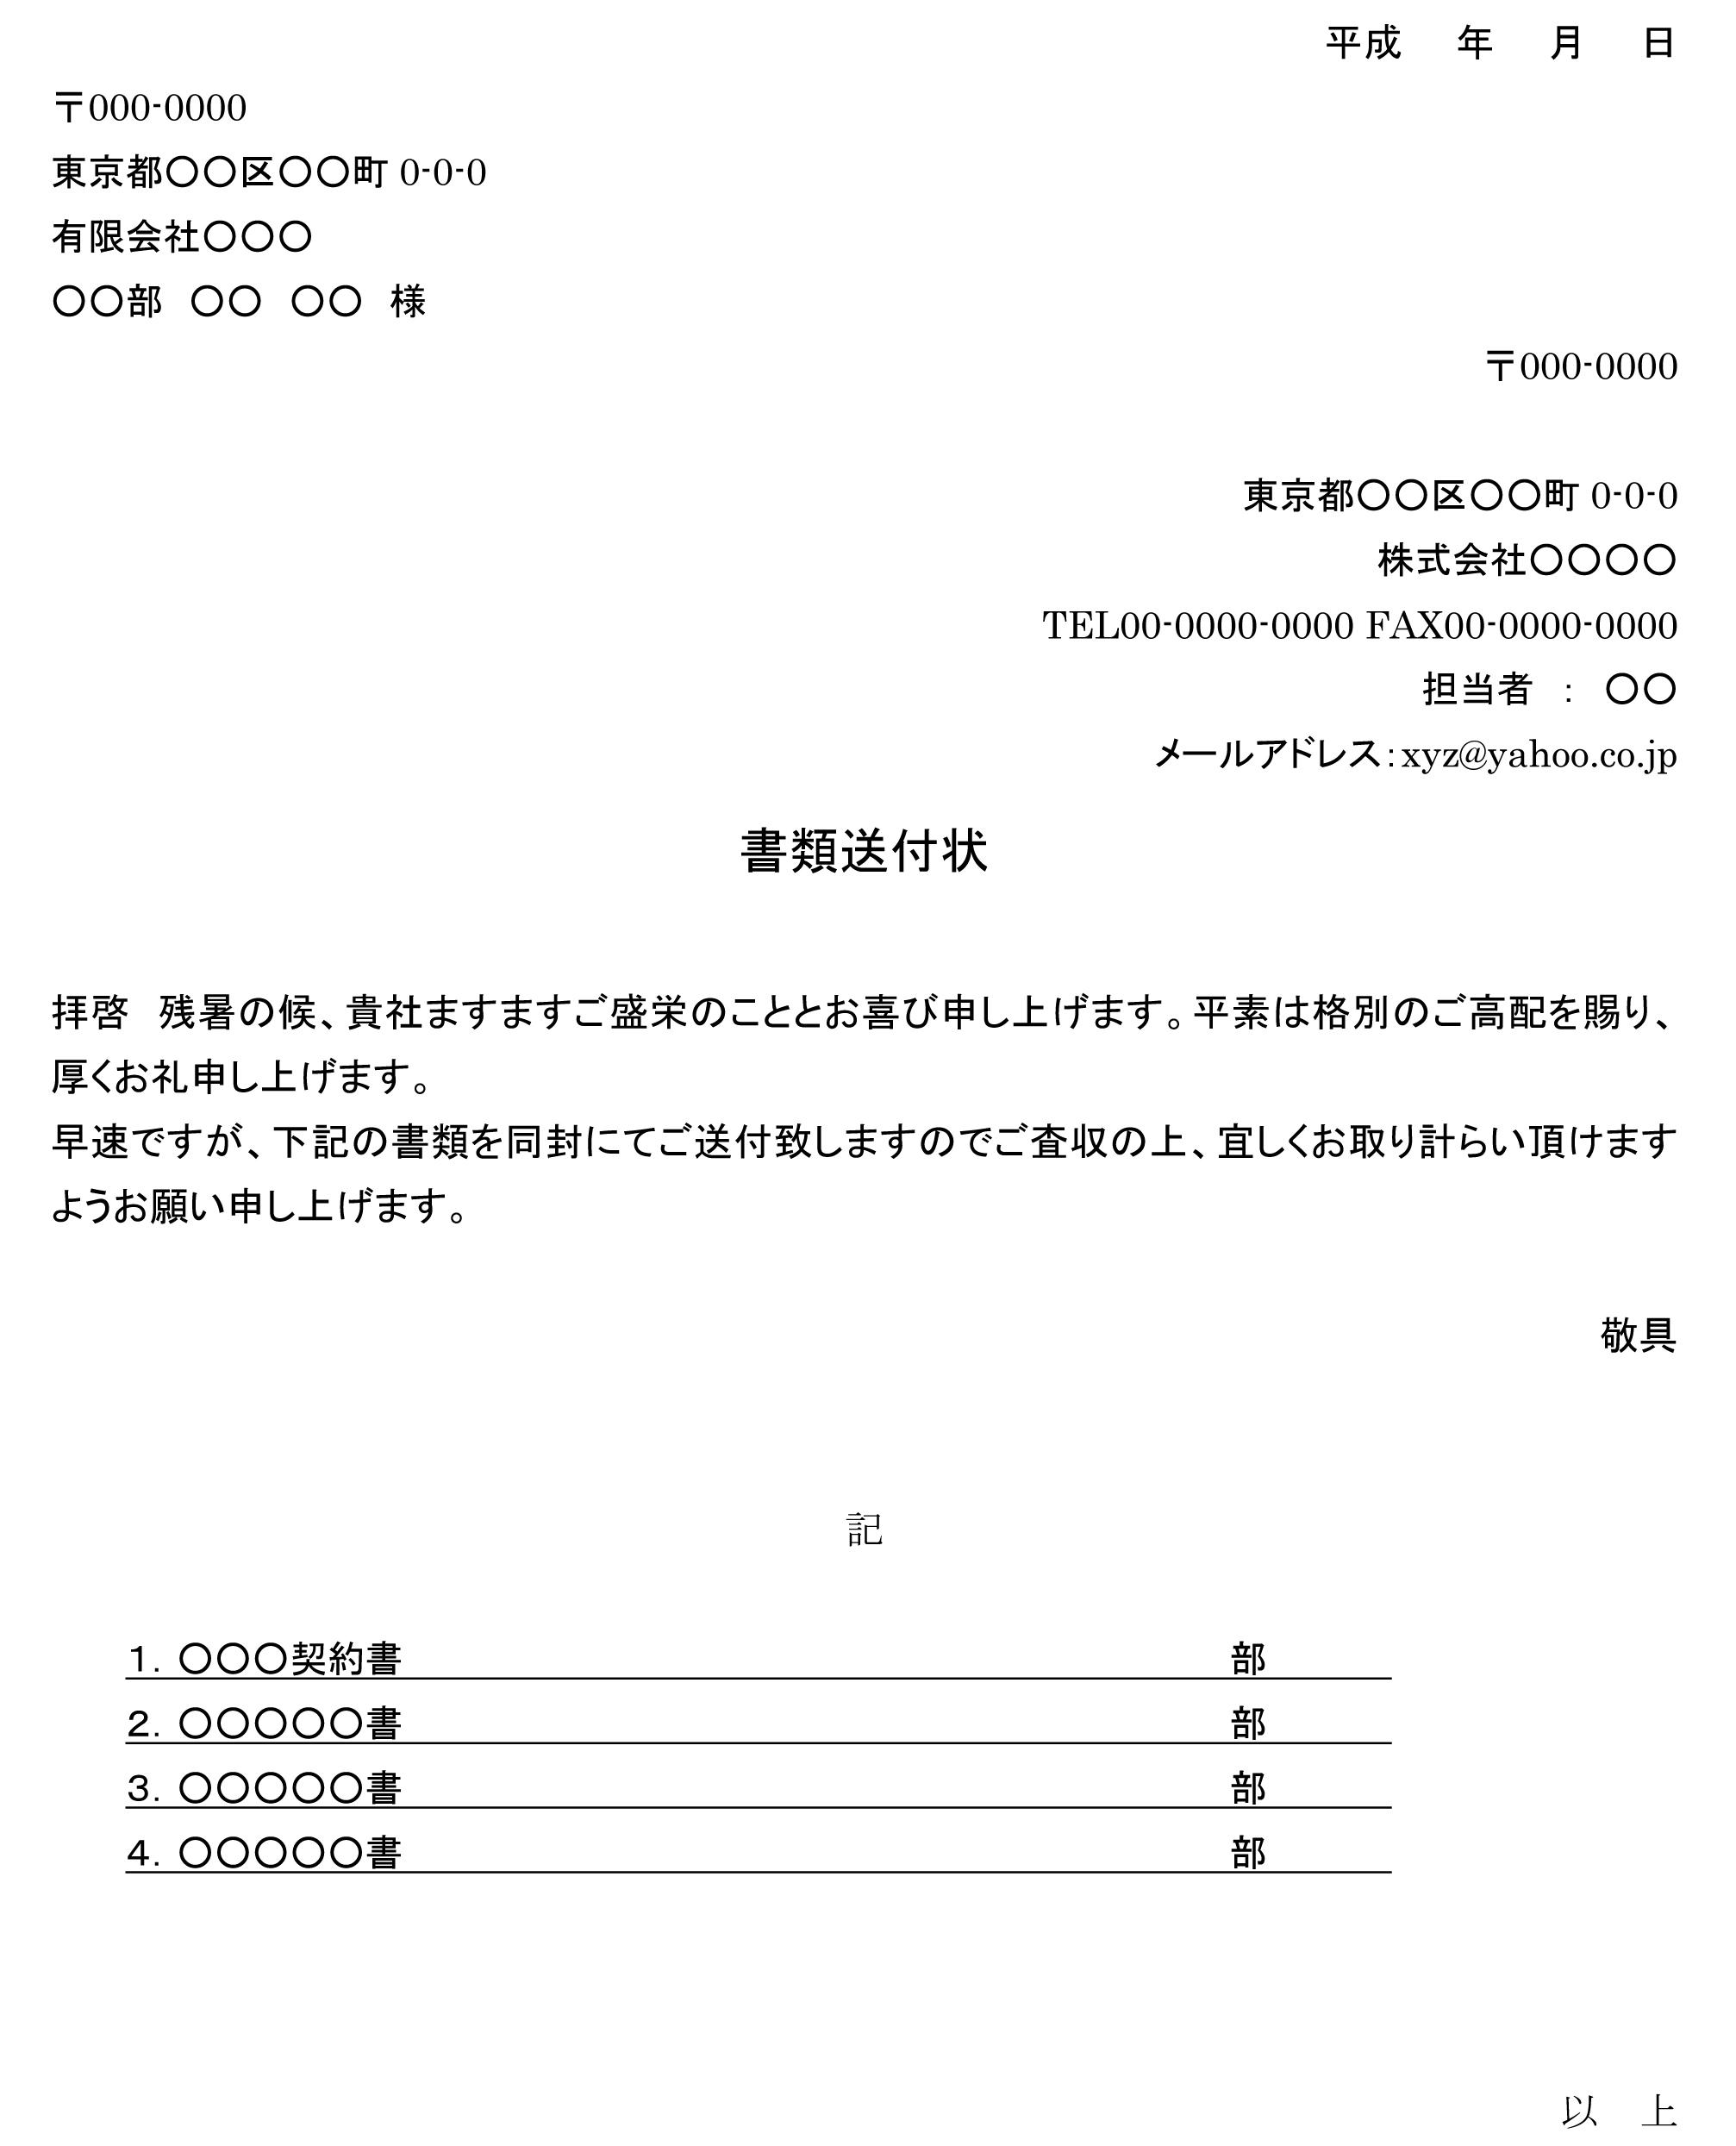 書類送付状05